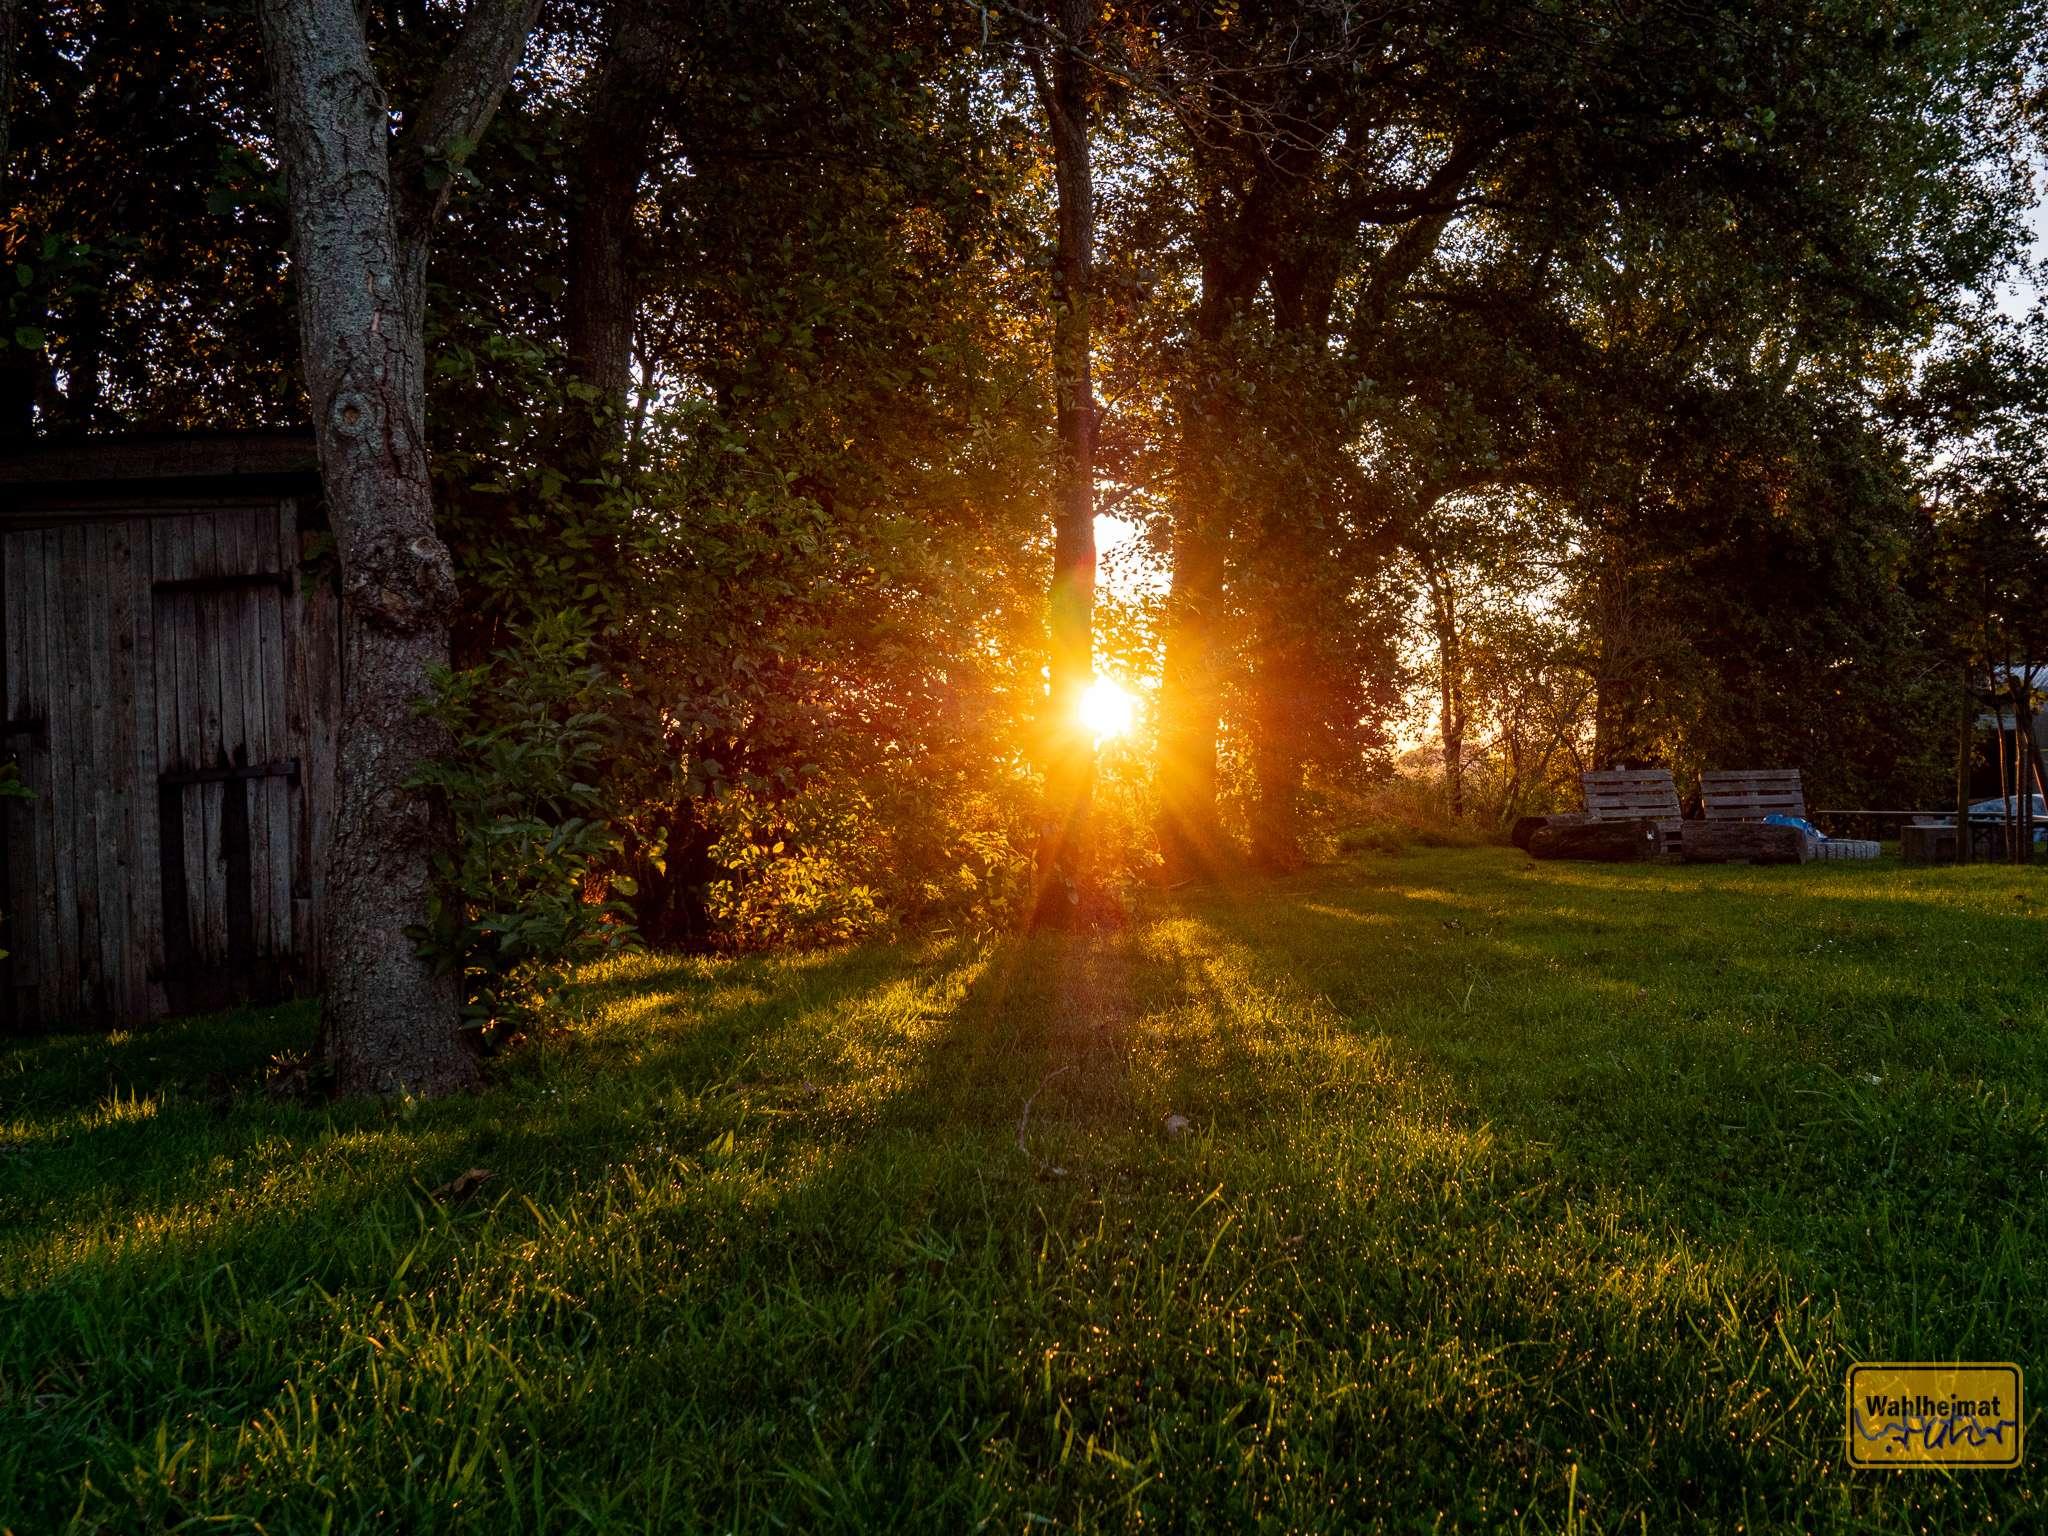 Auf dieser Wiese gibt's abends Lagerfeuer und Stockbrot - morgens tolle Sonnenaufgänge!